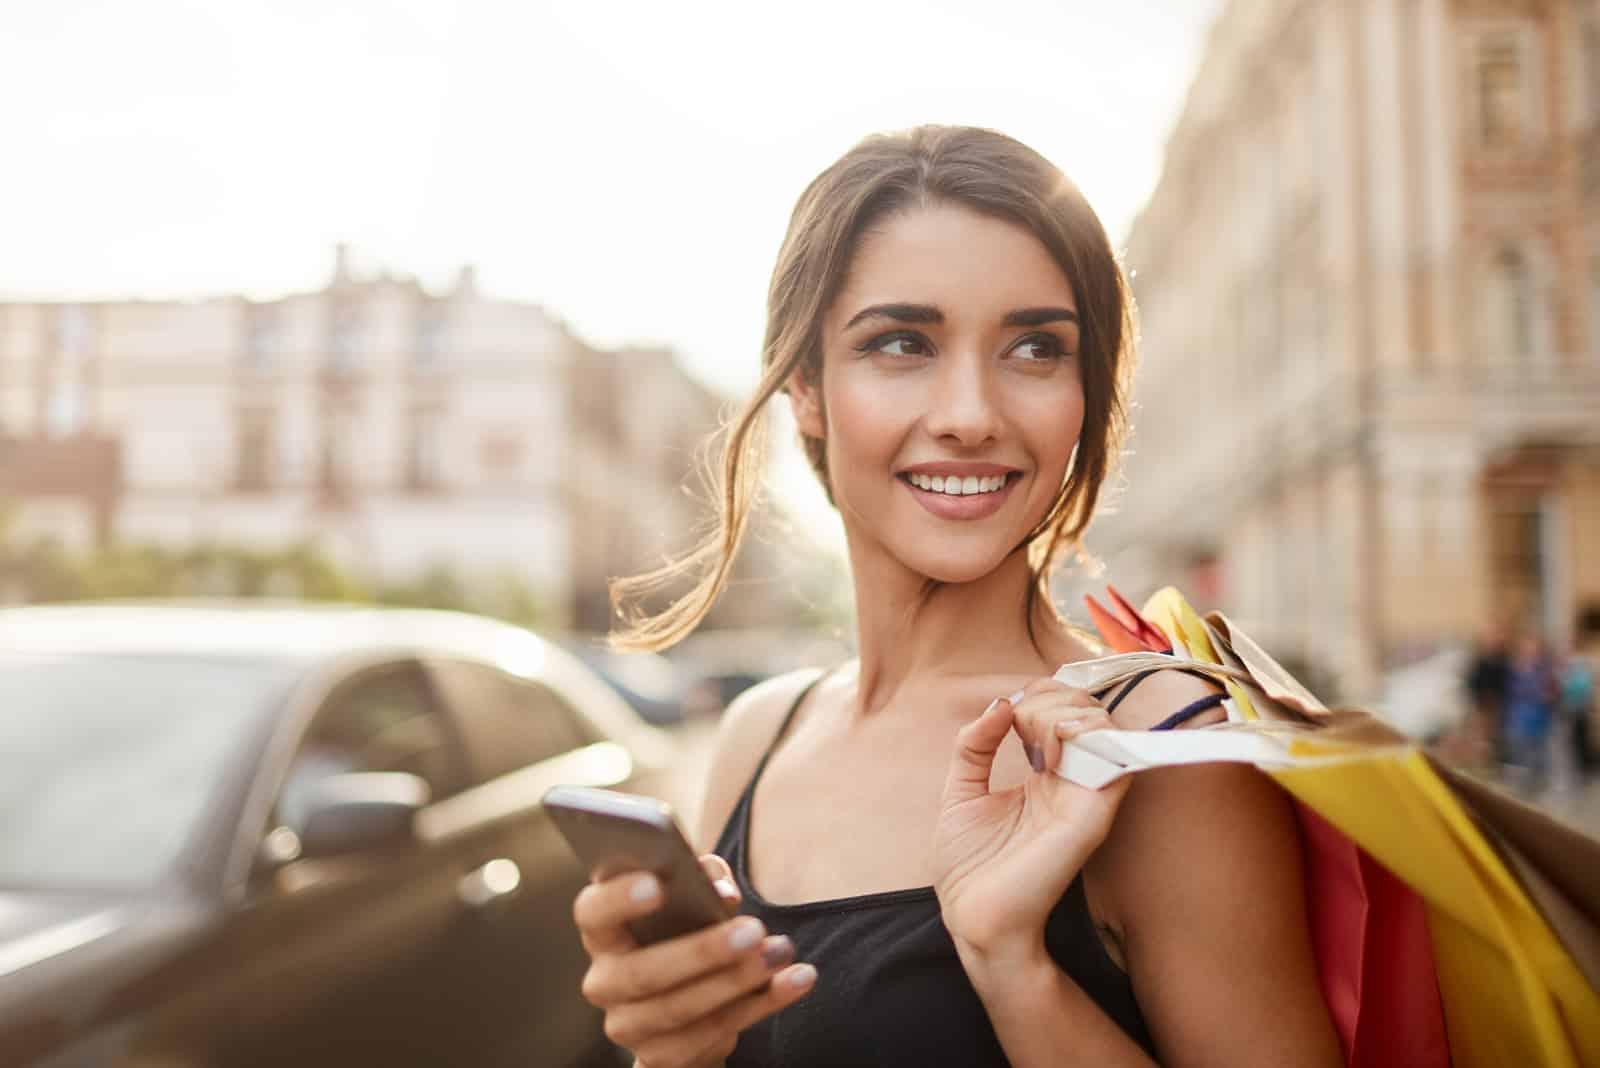 une femme souriante avec des sacs à la main